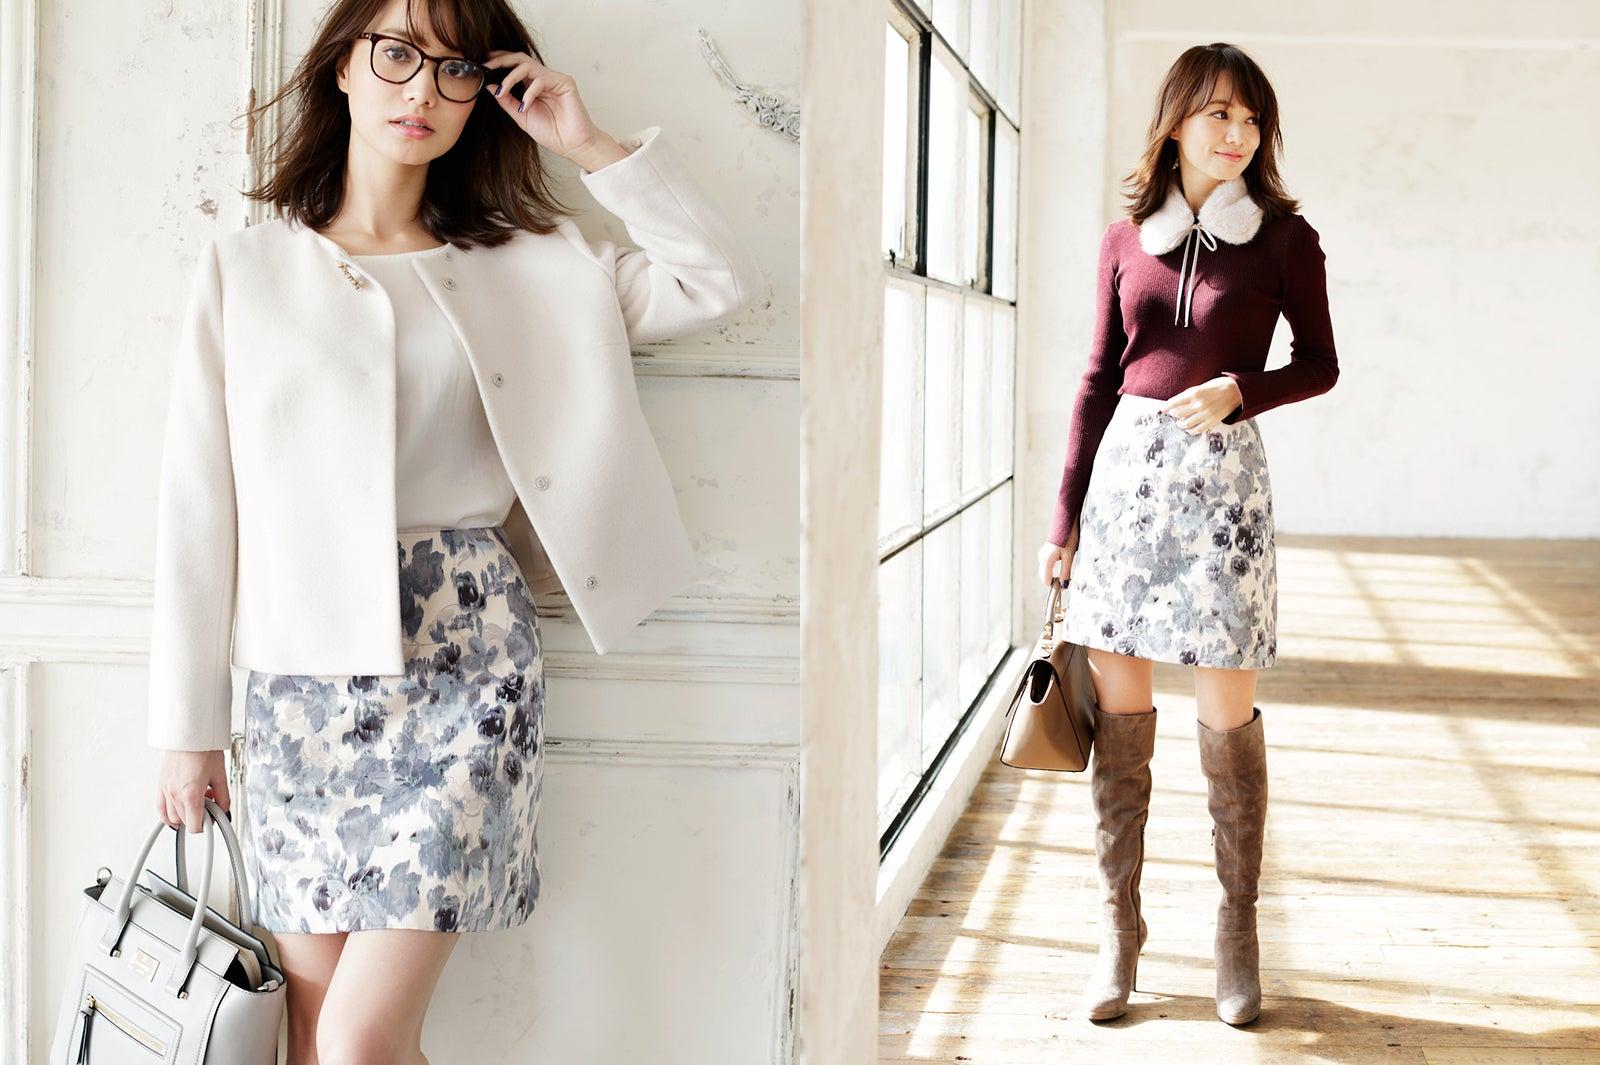 冬も花柄がイイ!\u201cコンサバ\u201dファッションで清楚系女子に